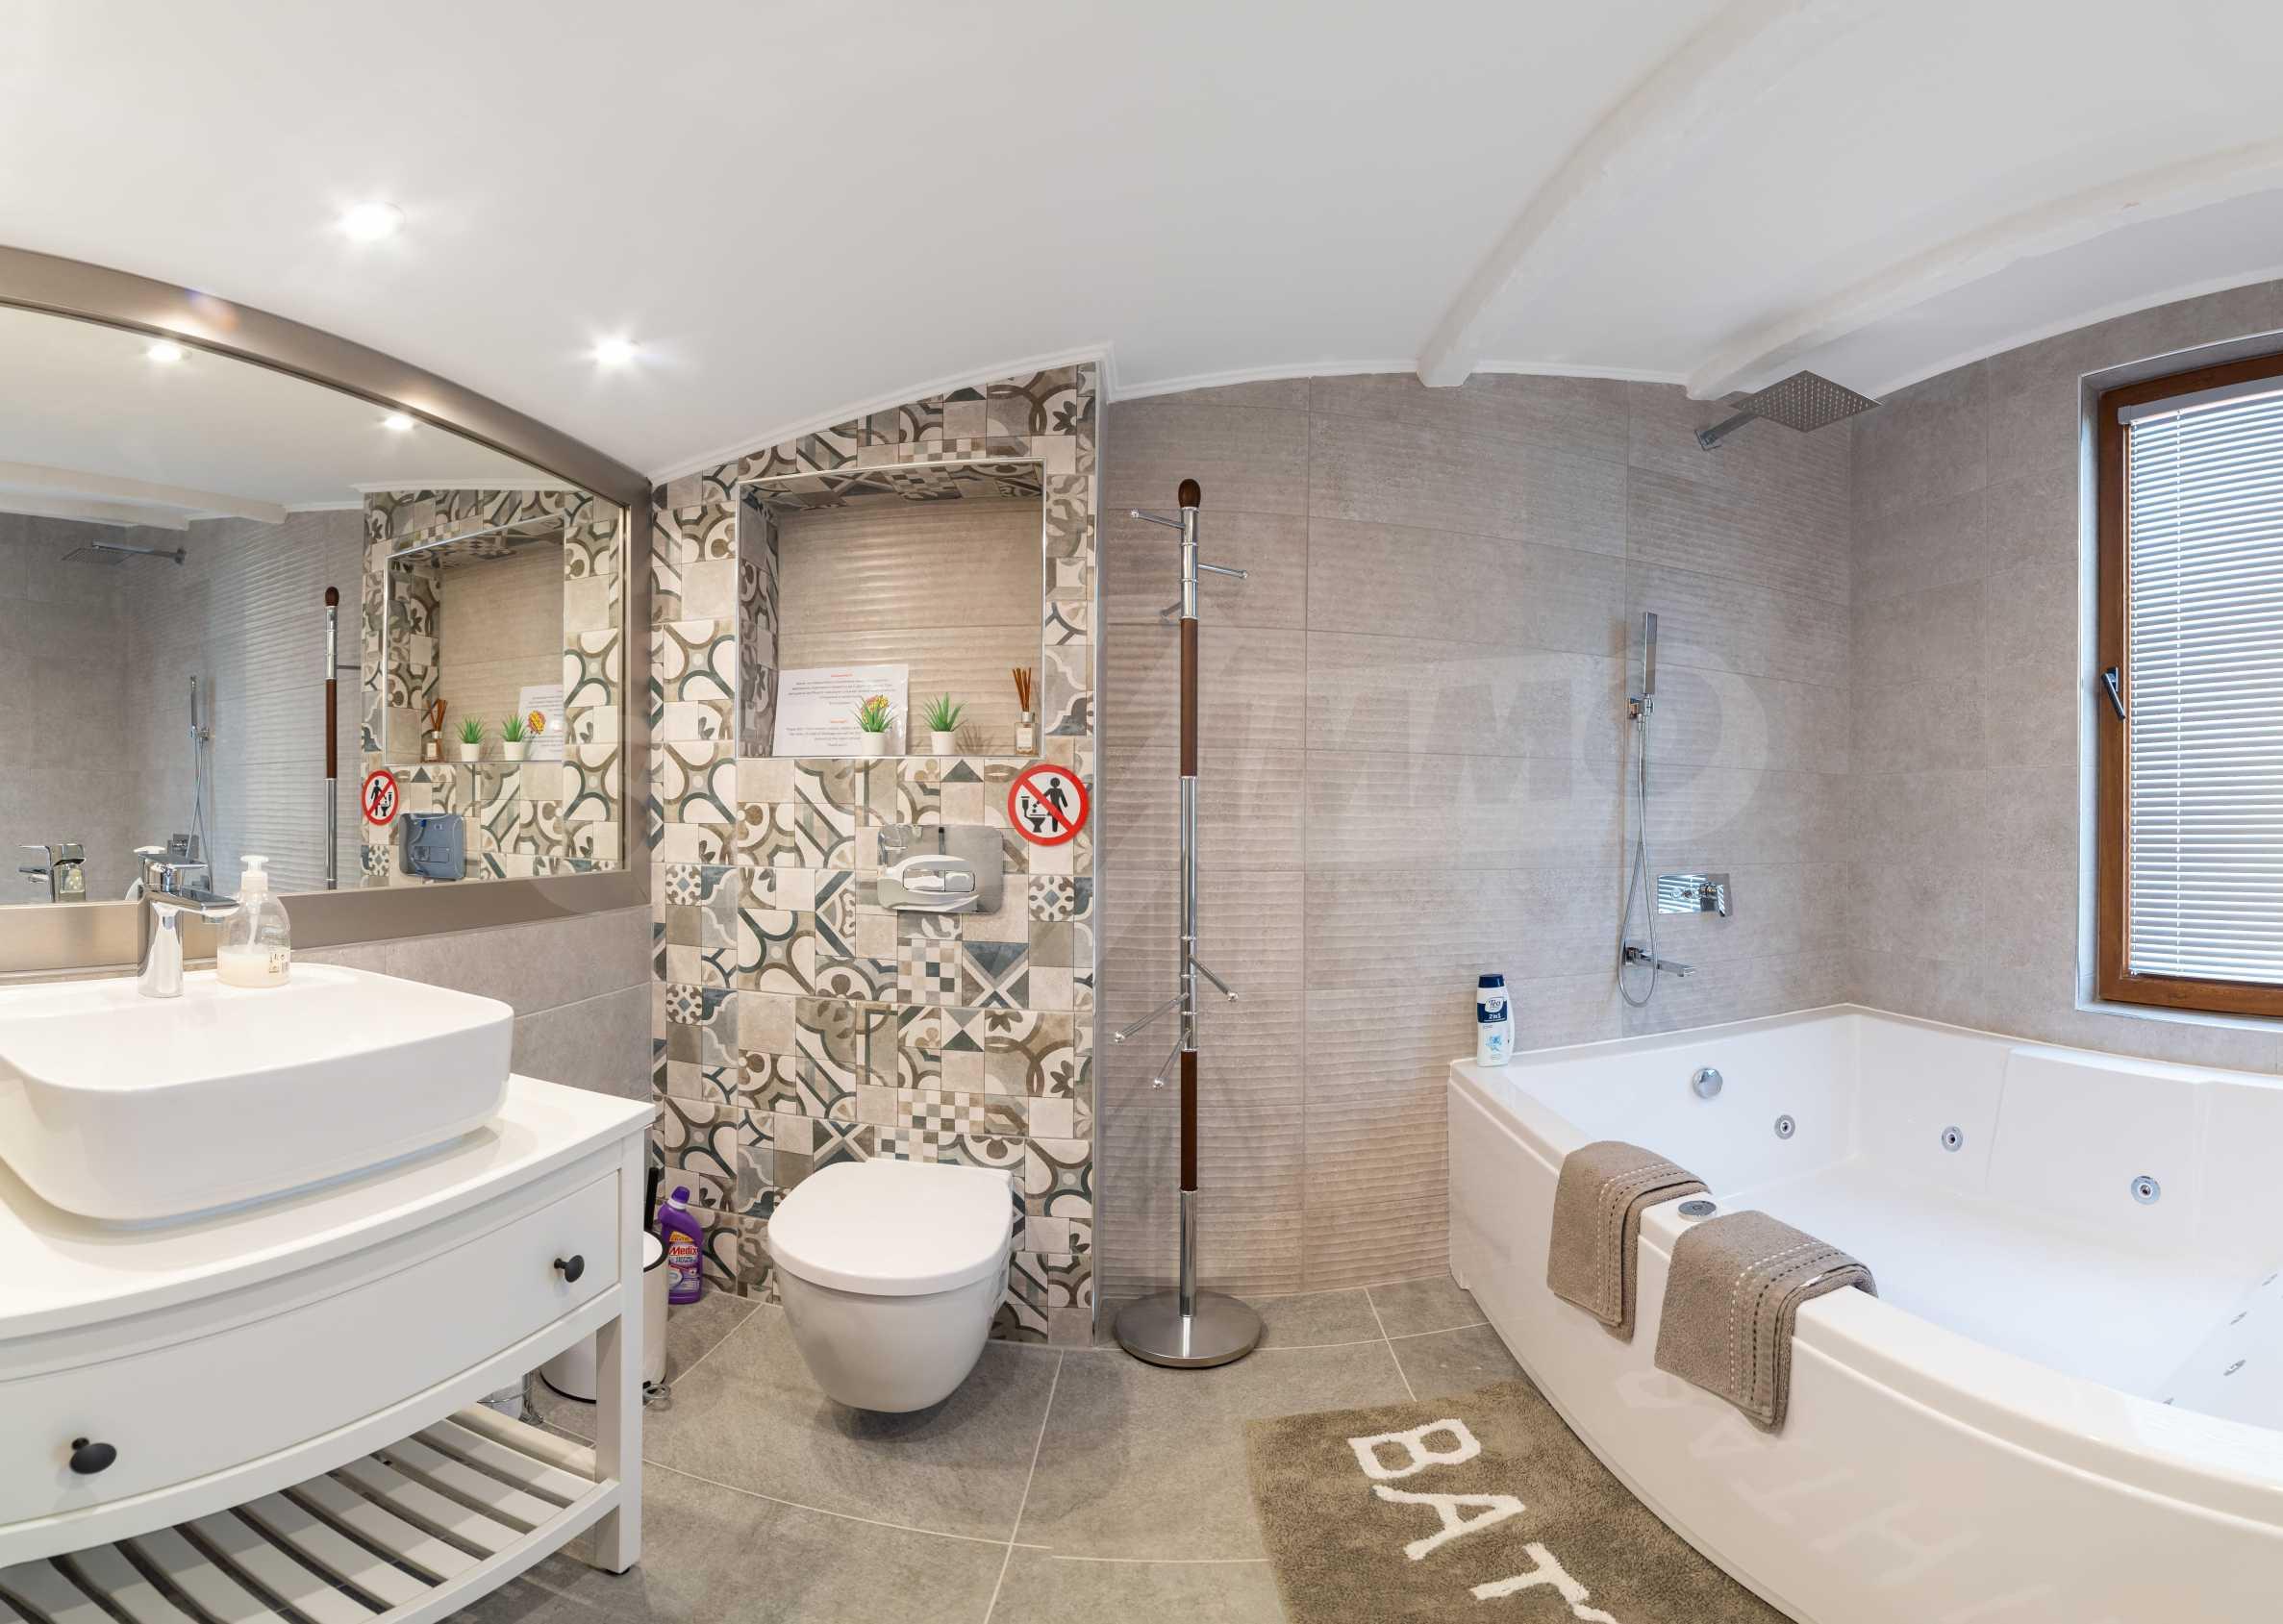 """Дом """"Парадиз"""" - панорамная вилла с бассейном и парковочными местами в аренду в vz. Восход - Балчик 24"""